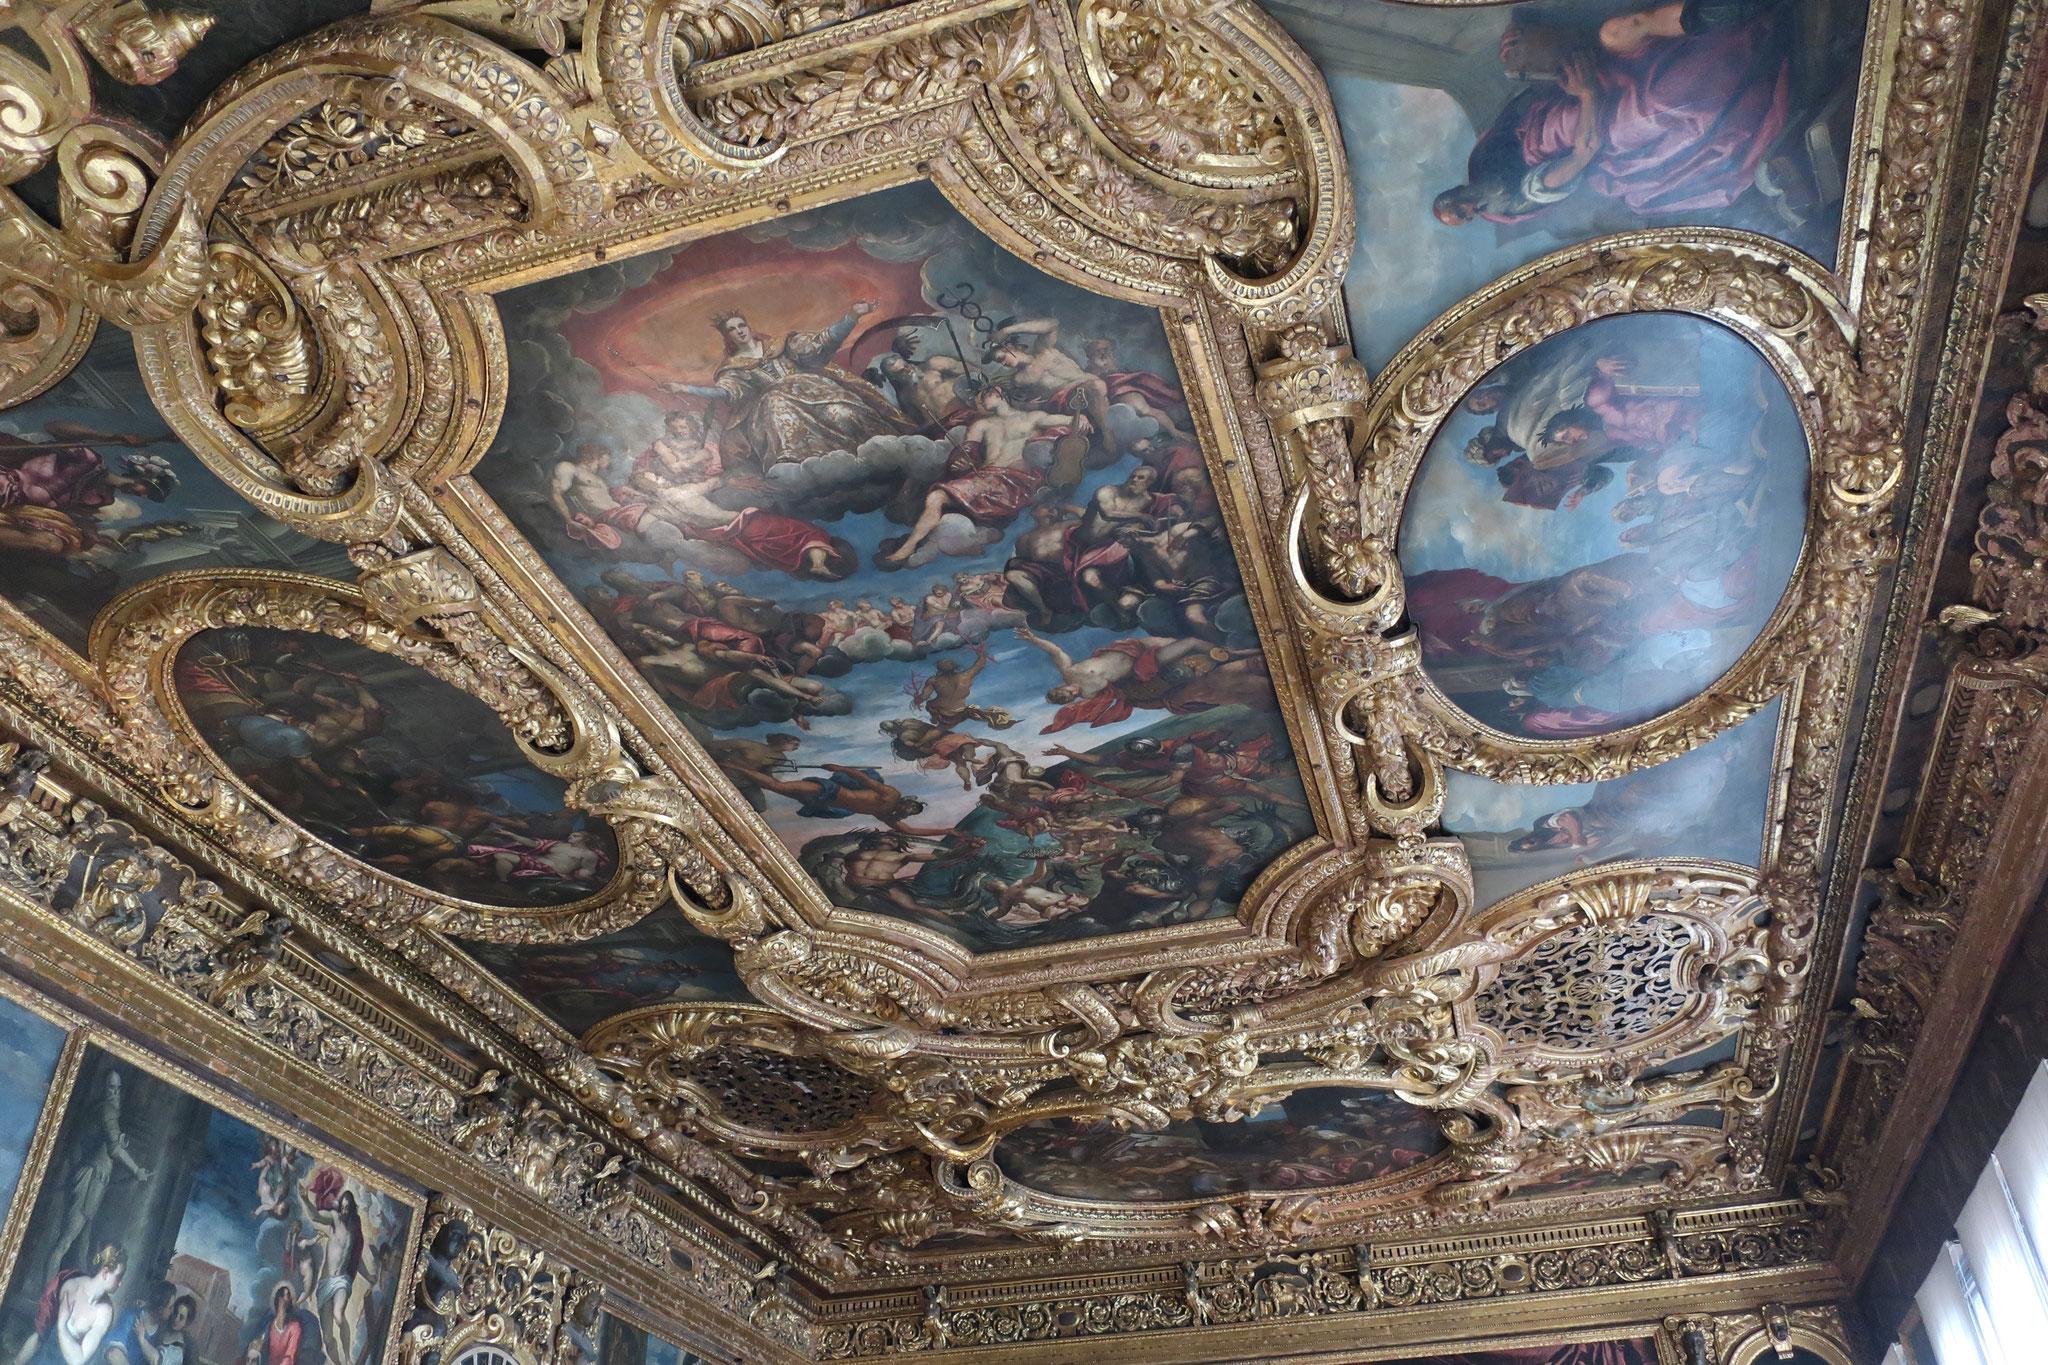 「元老院の間」の天井に描かれた「ヴェネチア称揚」。ティントレット 作。